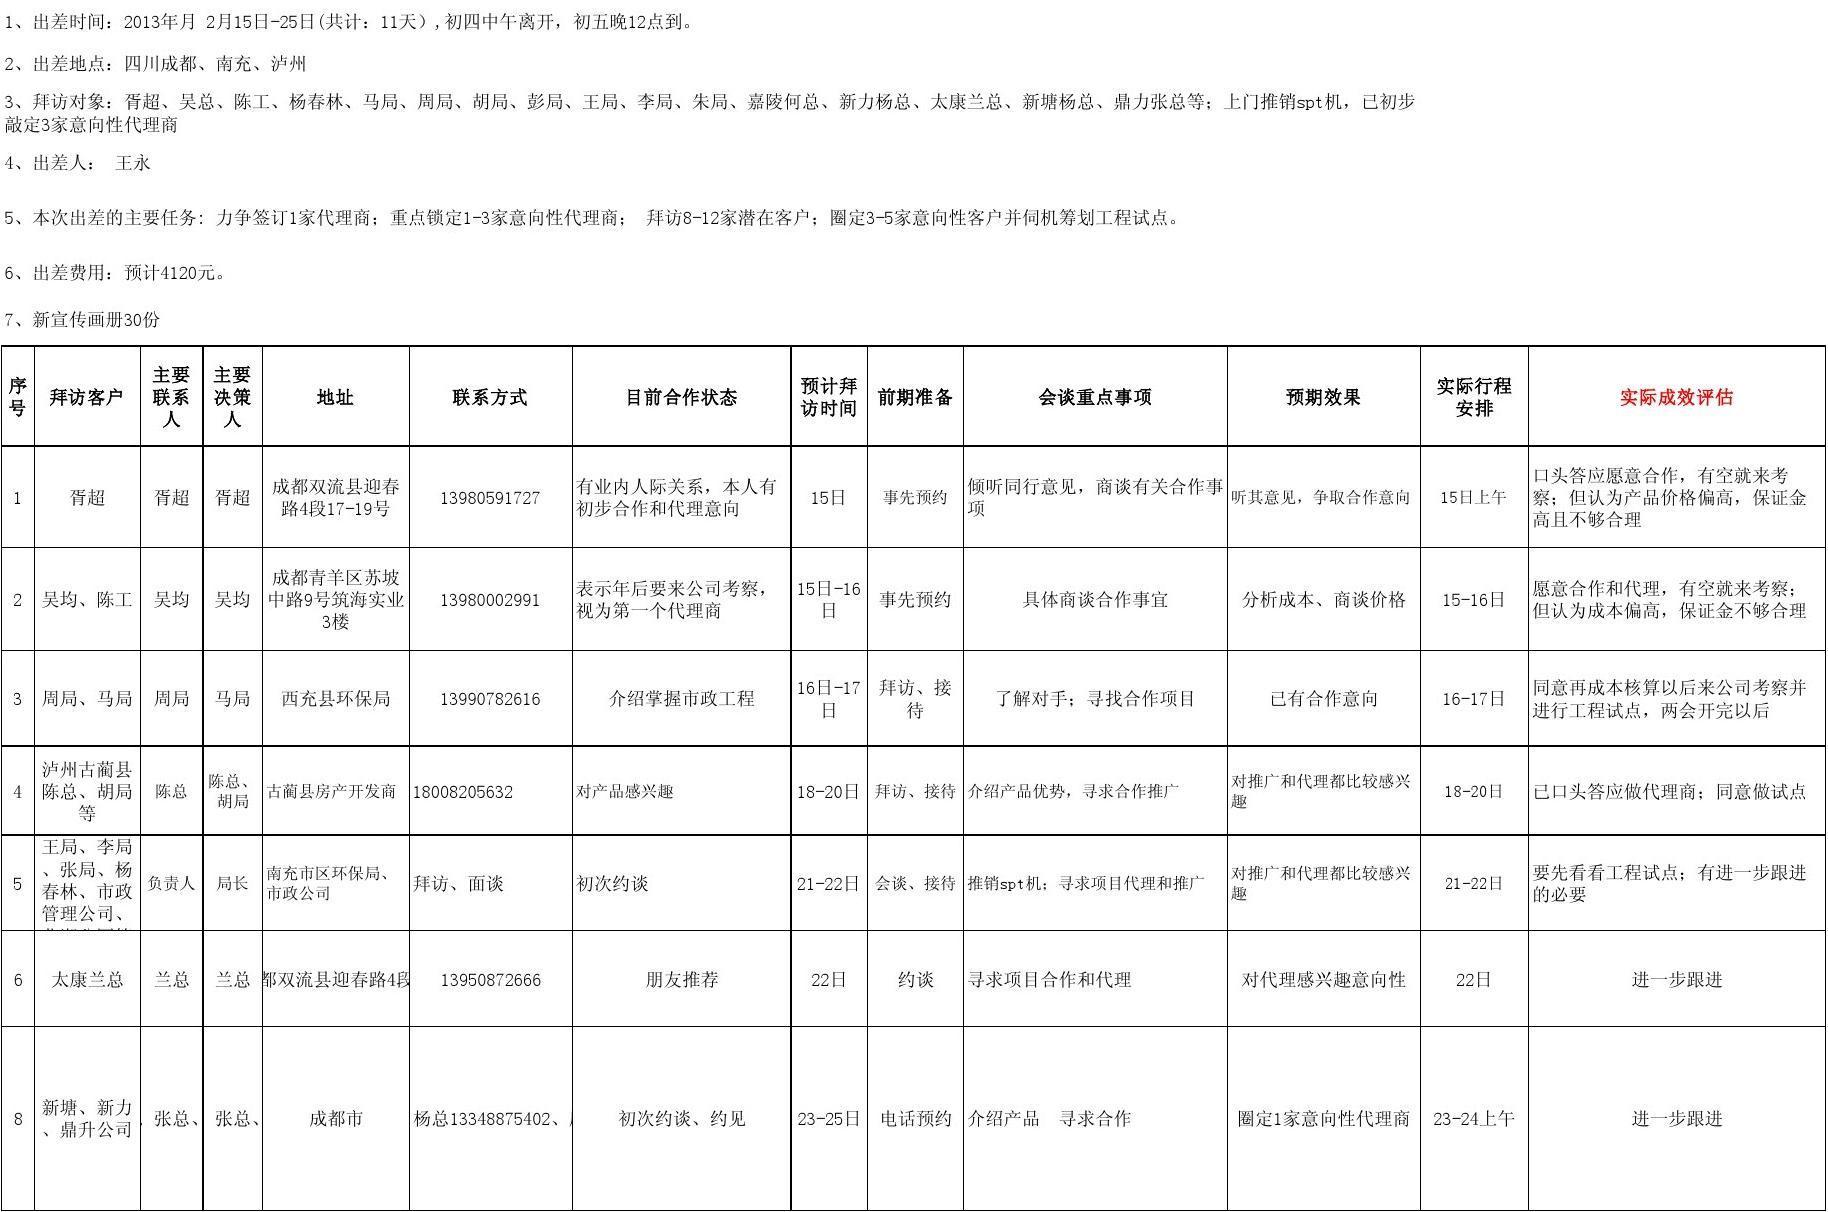 出差计划与总结  2013-02-27  (改)王永